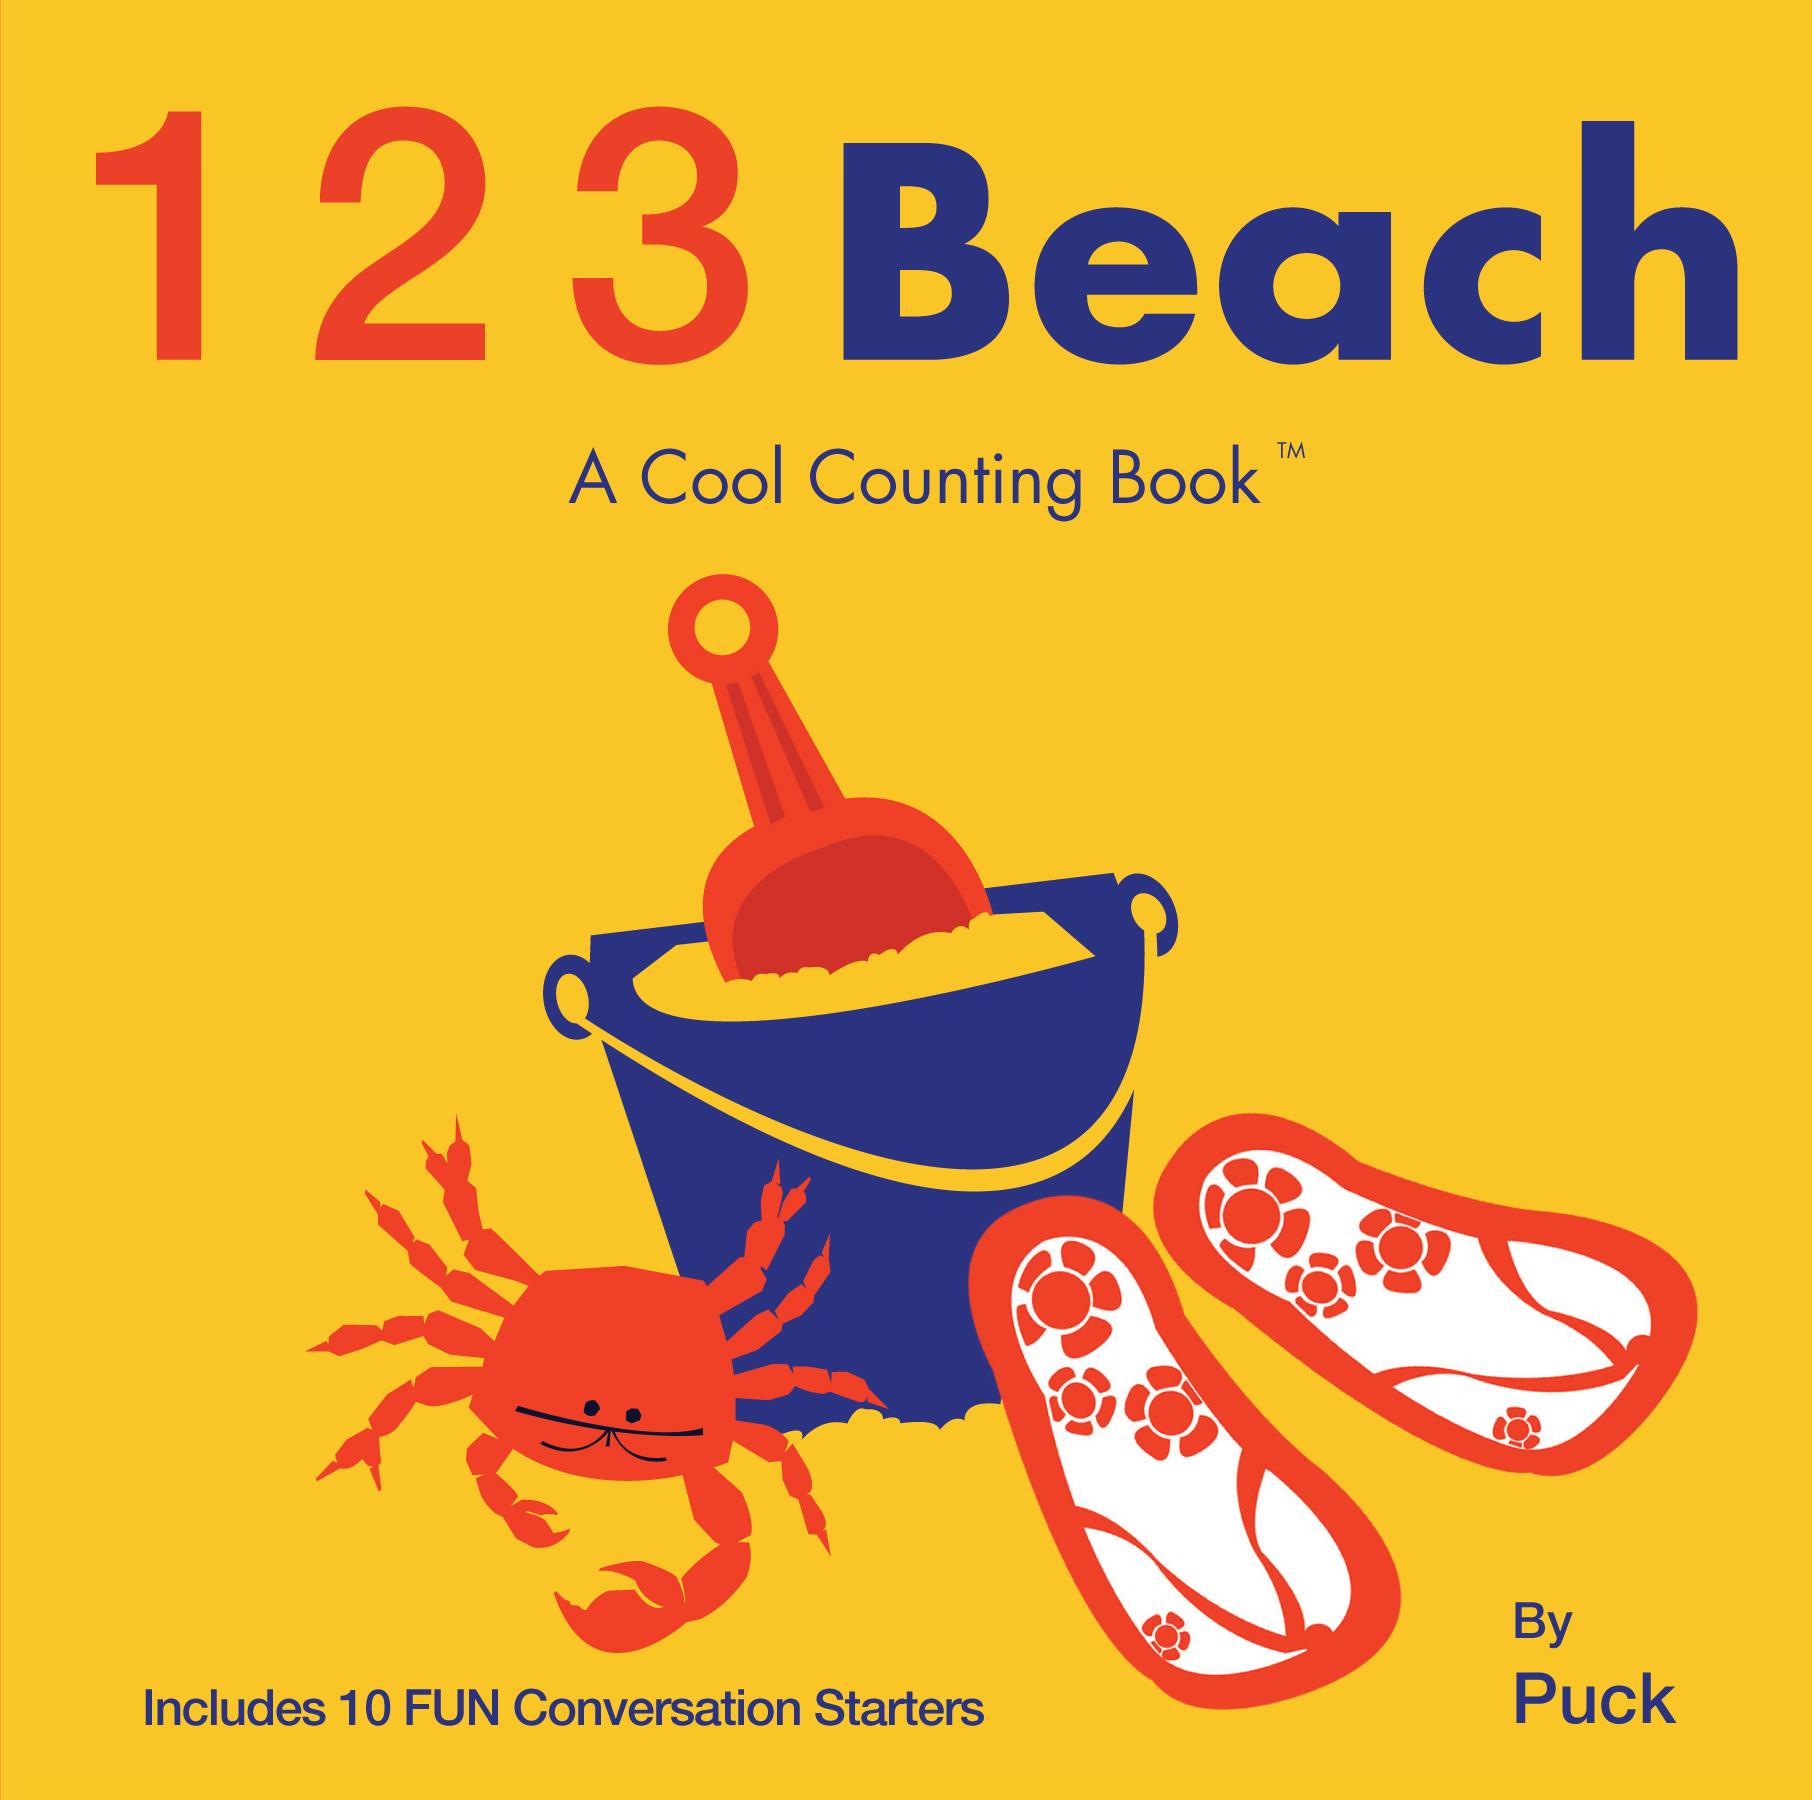 123 Beach